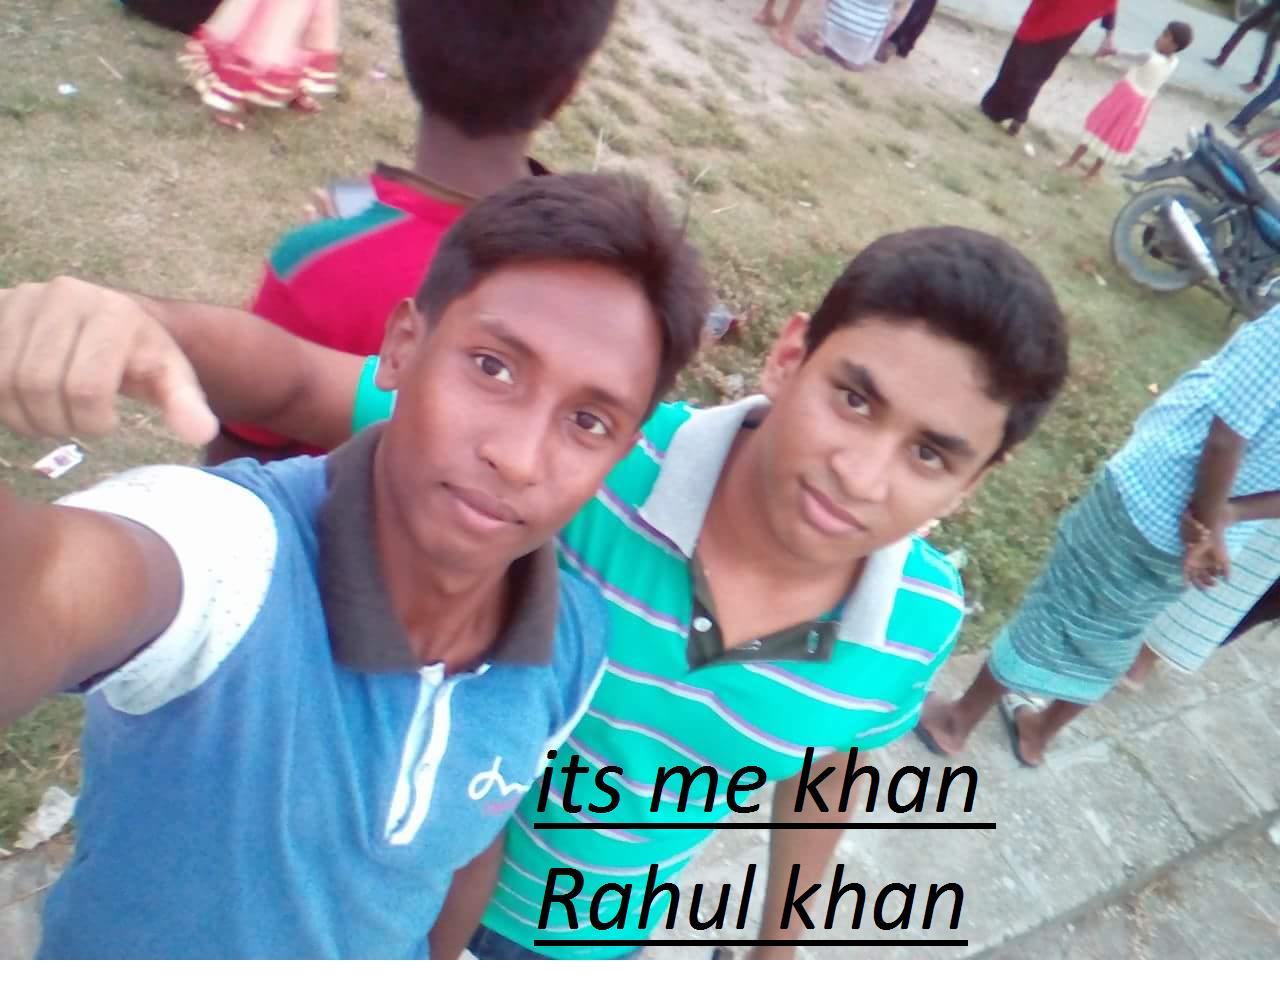 Rahulkhan